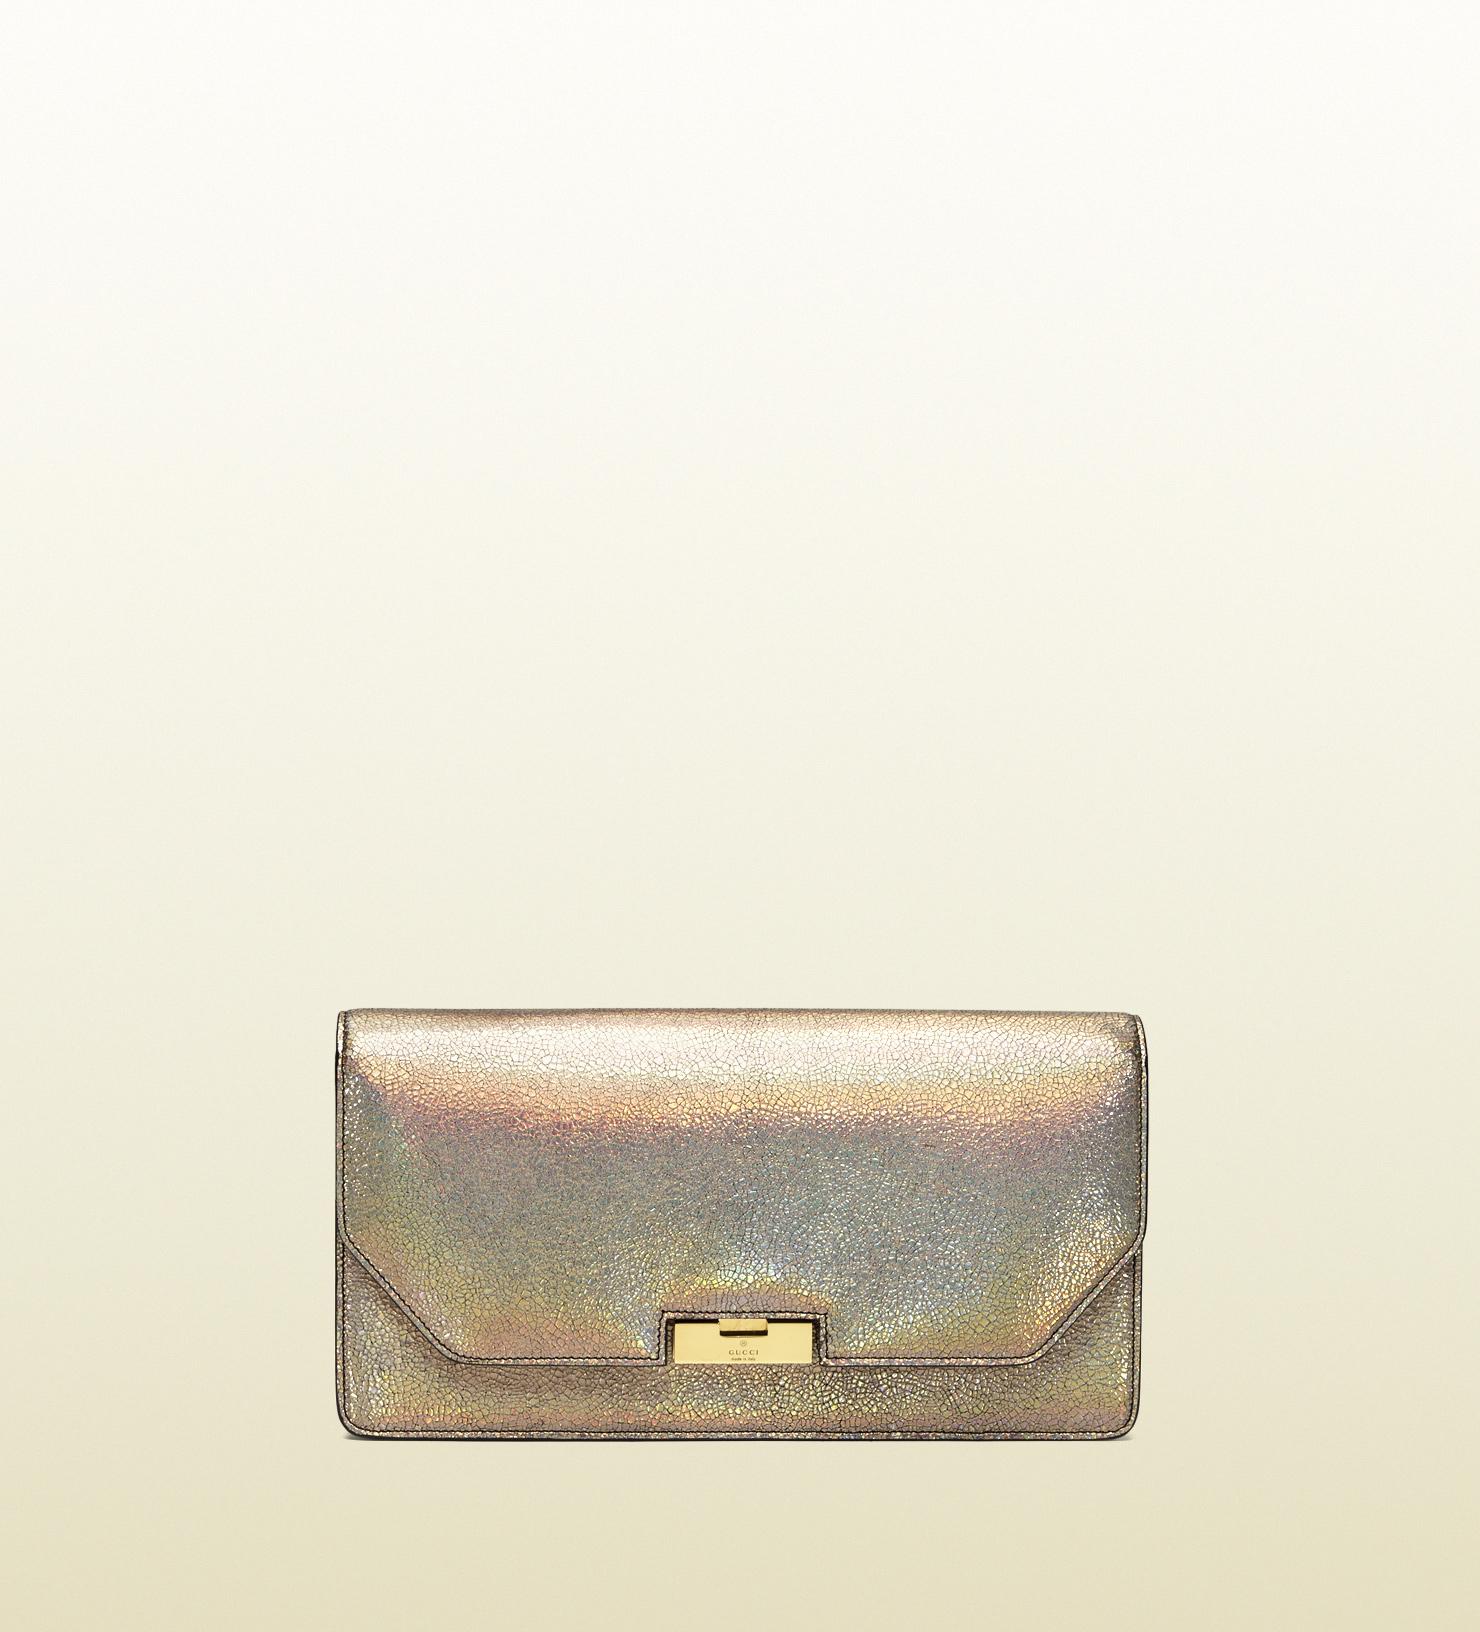 Gucci - gucci 58 crackled metallic leather clutch 338969DCK0T9605